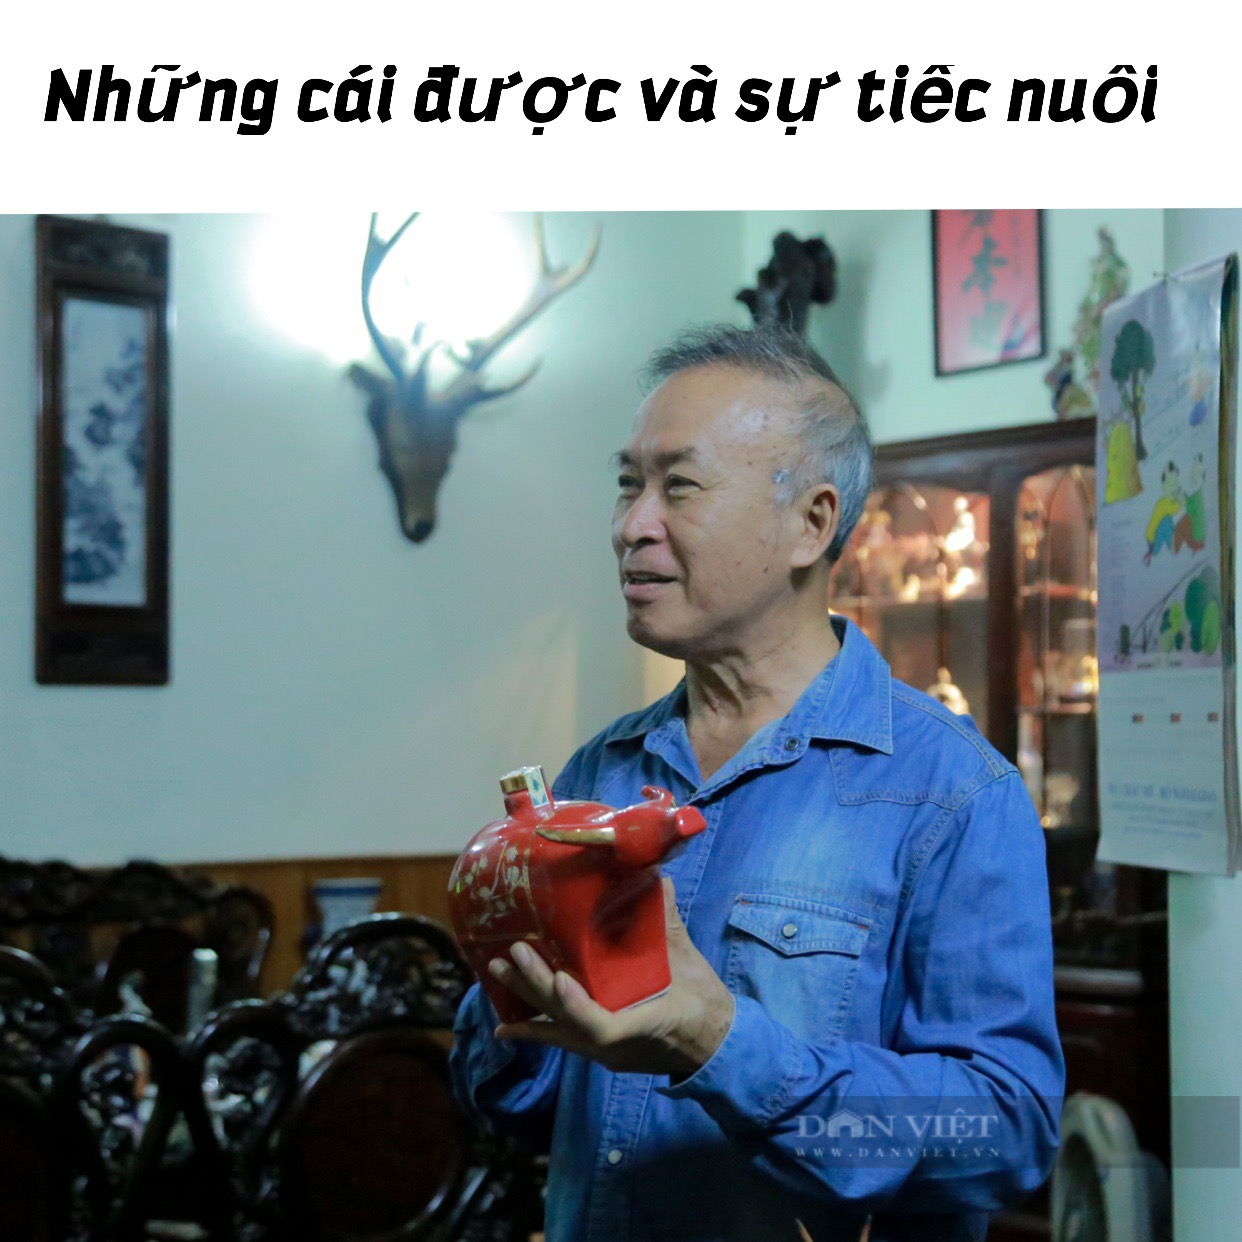 """Nhà ngoại giao dành nhiều tháng lương """"nướng"""" vào thú sưu tầm vỏ chai rượu hình thù độc nhất Việt Nam - Ảnh 6."""